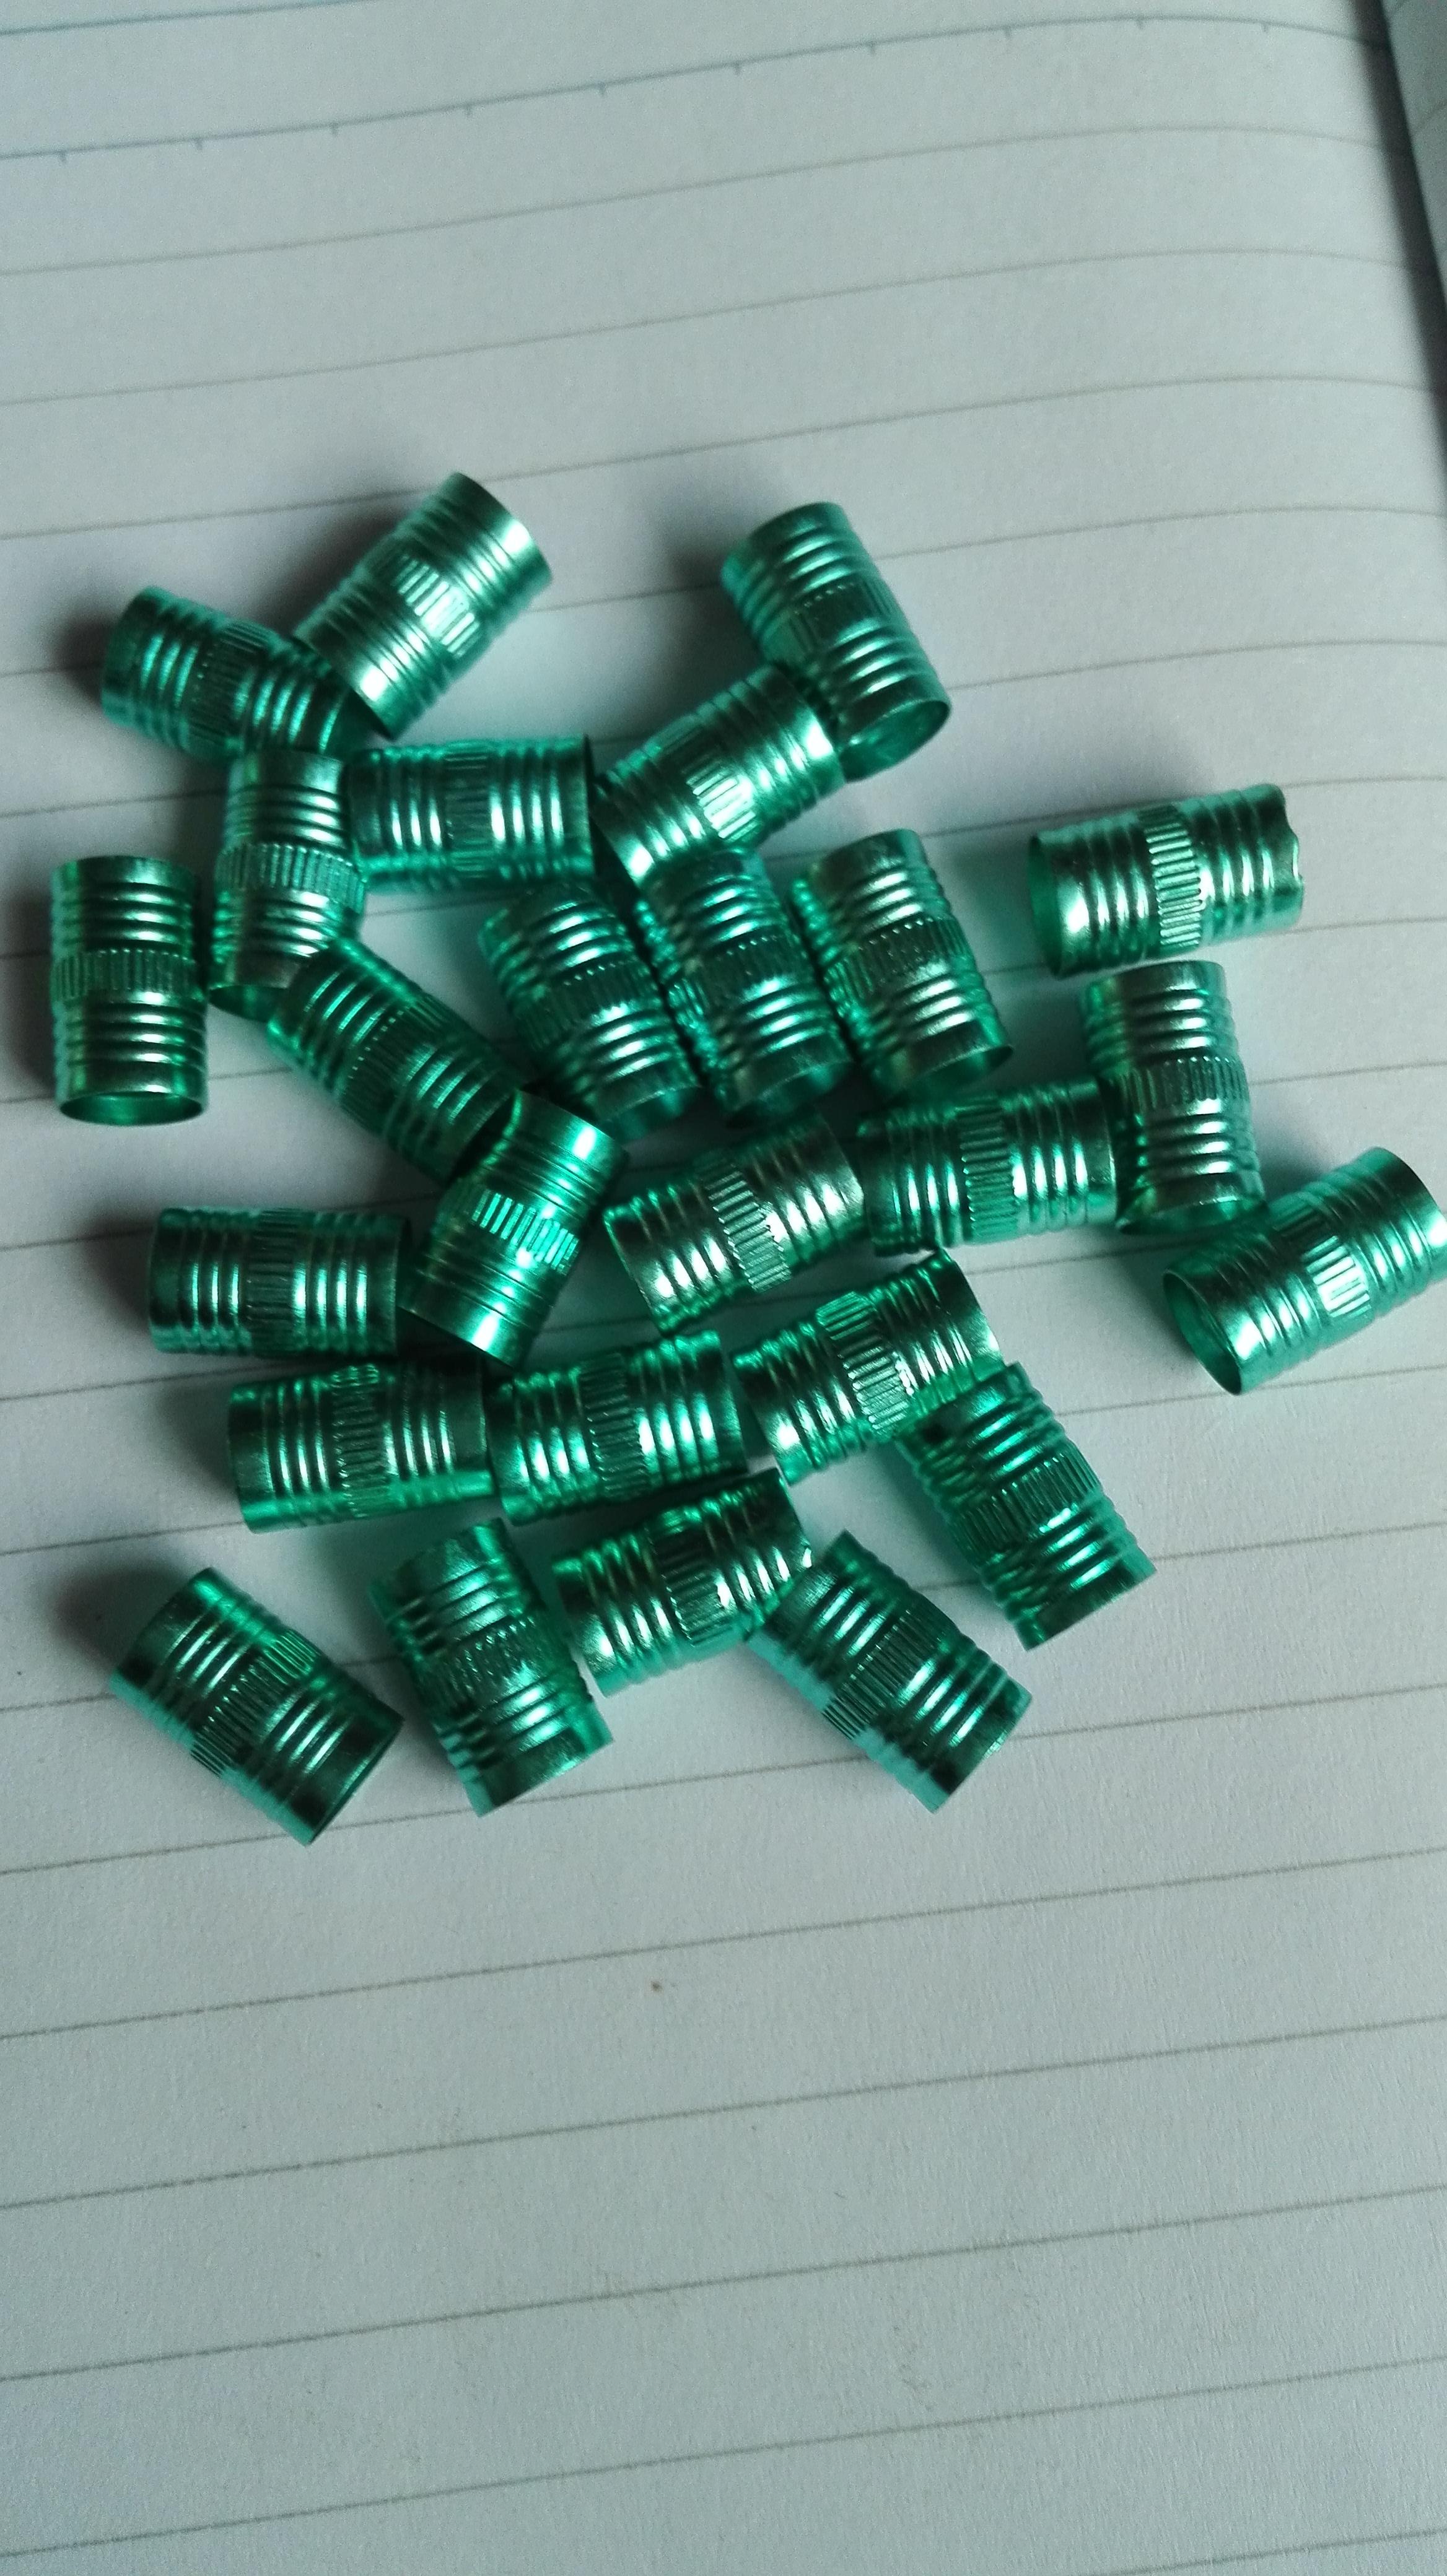 江苏铝套厂 铝套厂家直销 铝套销售 ..铅笔铝套